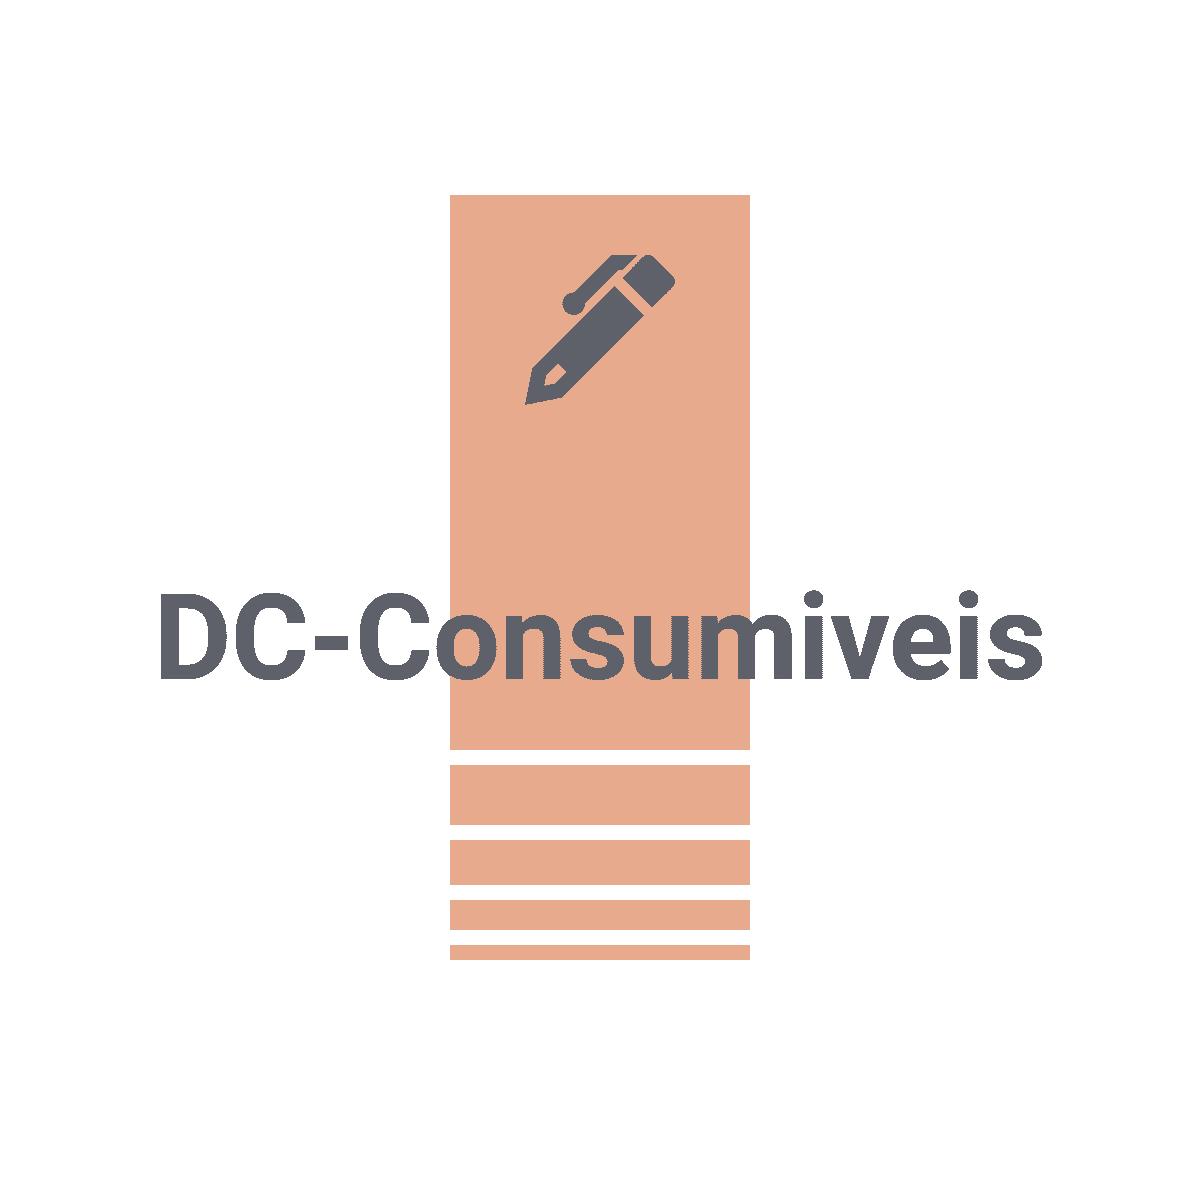 DC-Consumiveis